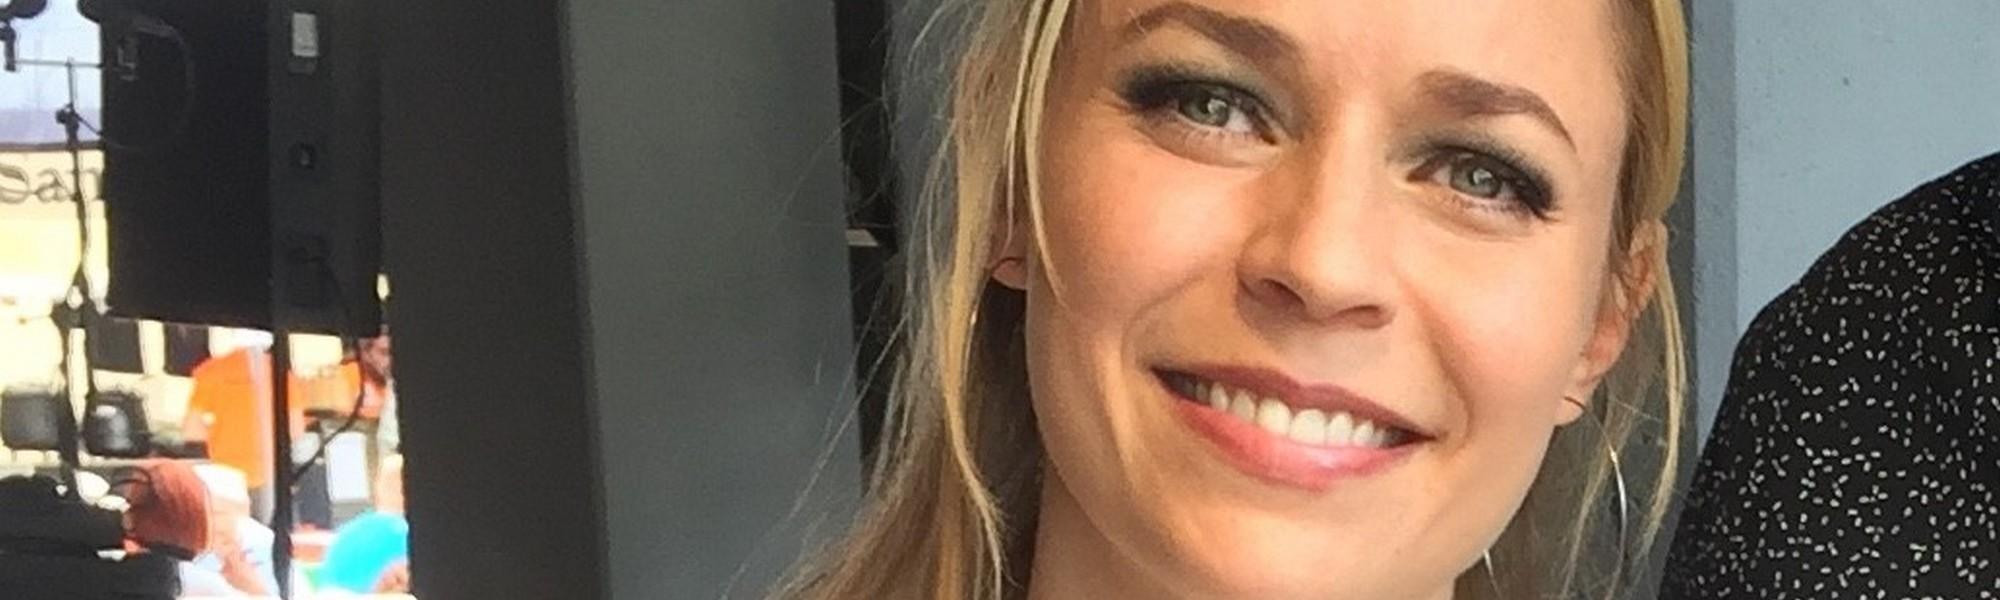 Paula Vesala sai Juha Vainio -sanoittajapalkinnon vuonna 2016 ja pääsee nyt itse valitsemaan tulevia palkinnonsaajia.